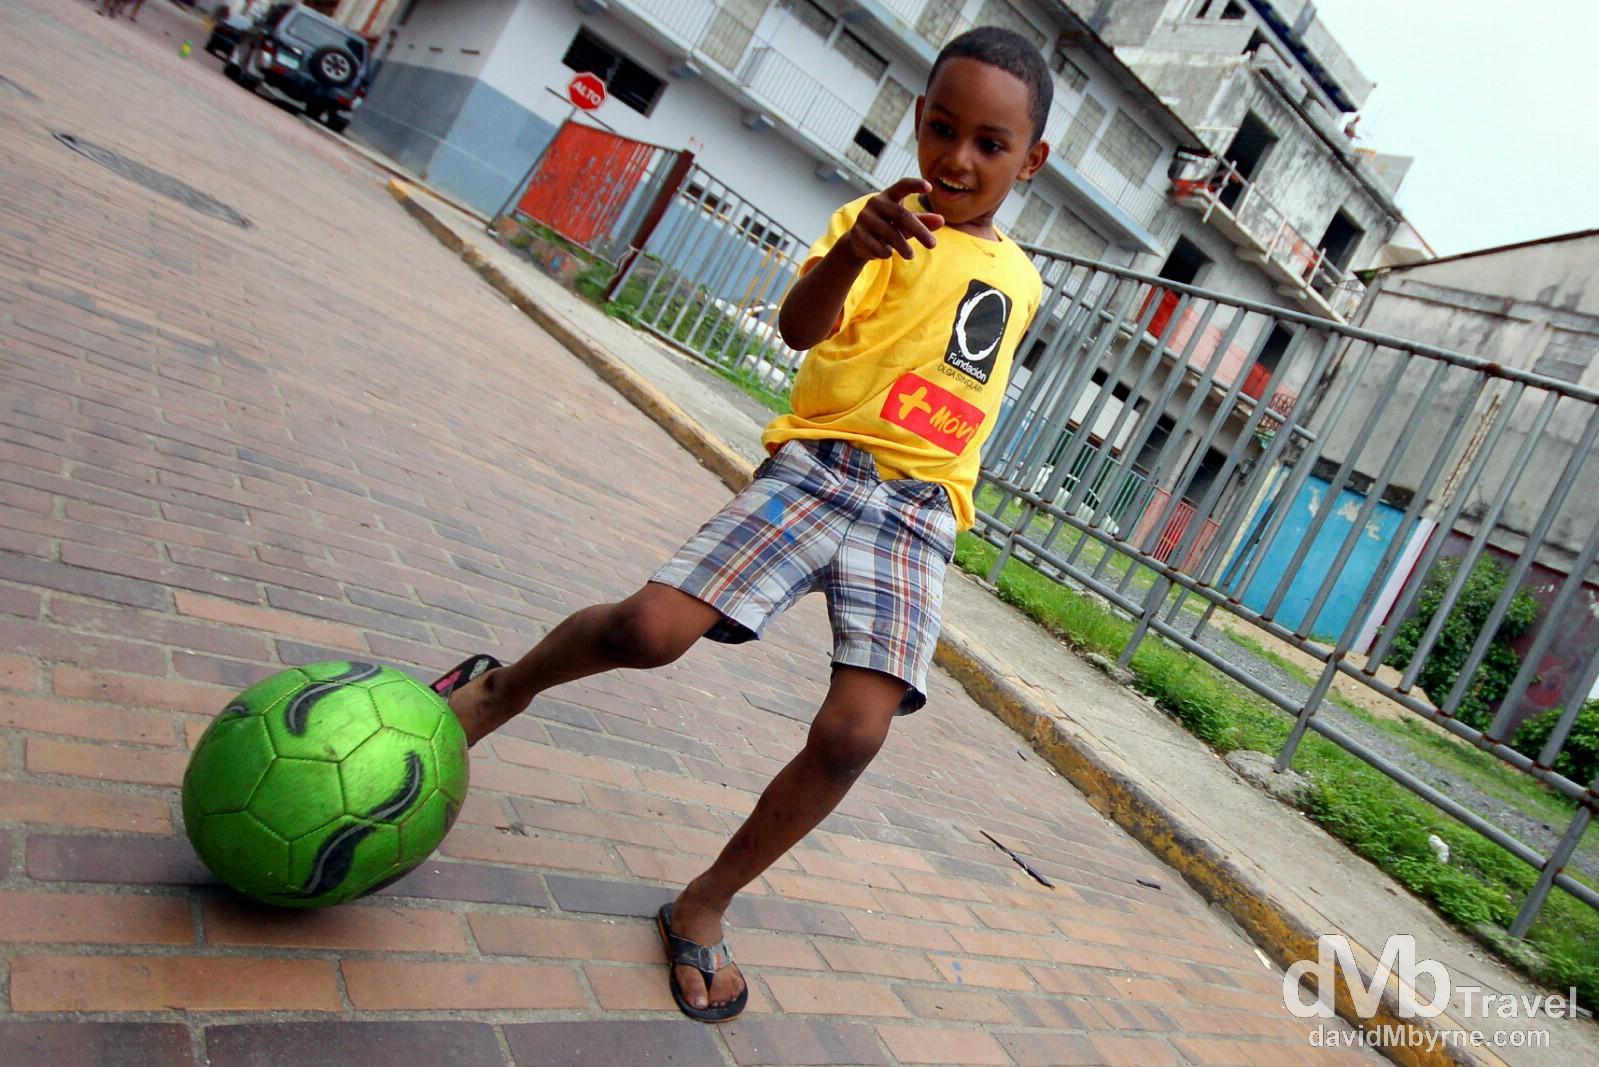 Soccer on the streets of Casco Viejo, Panama City, Panama. July 1st 2013.